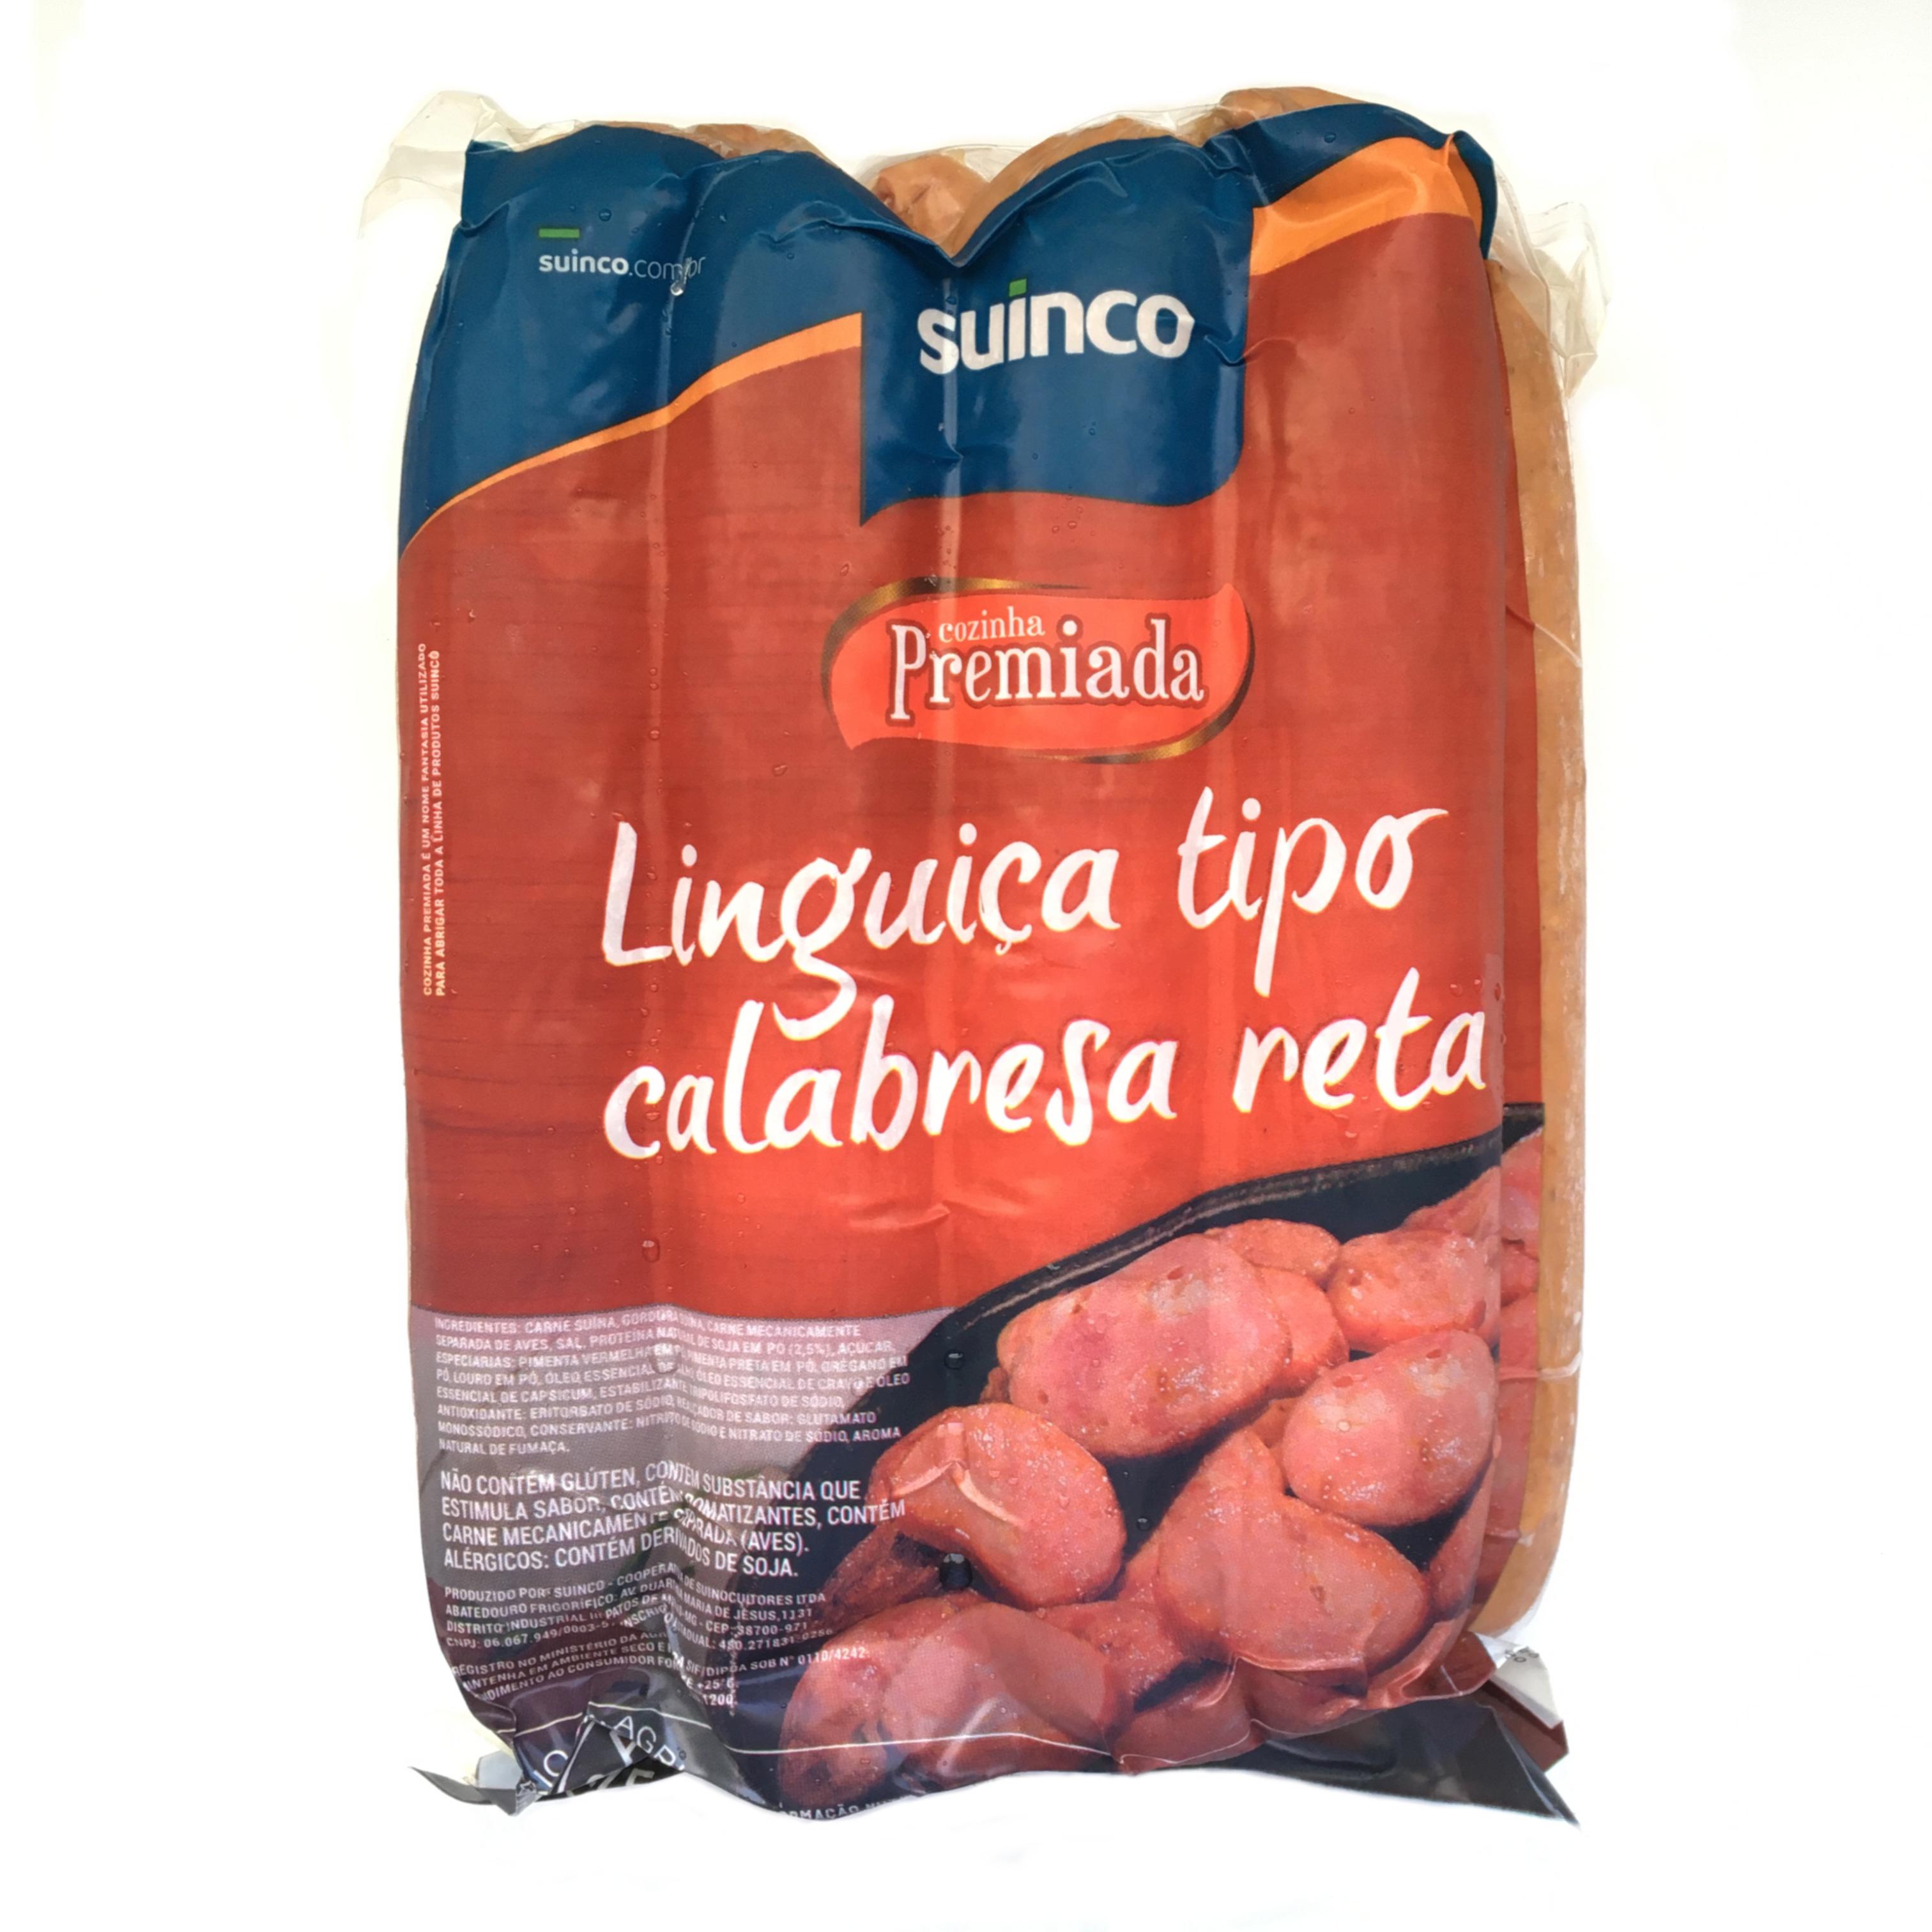 Linguiça Calabresa Reta Suinco